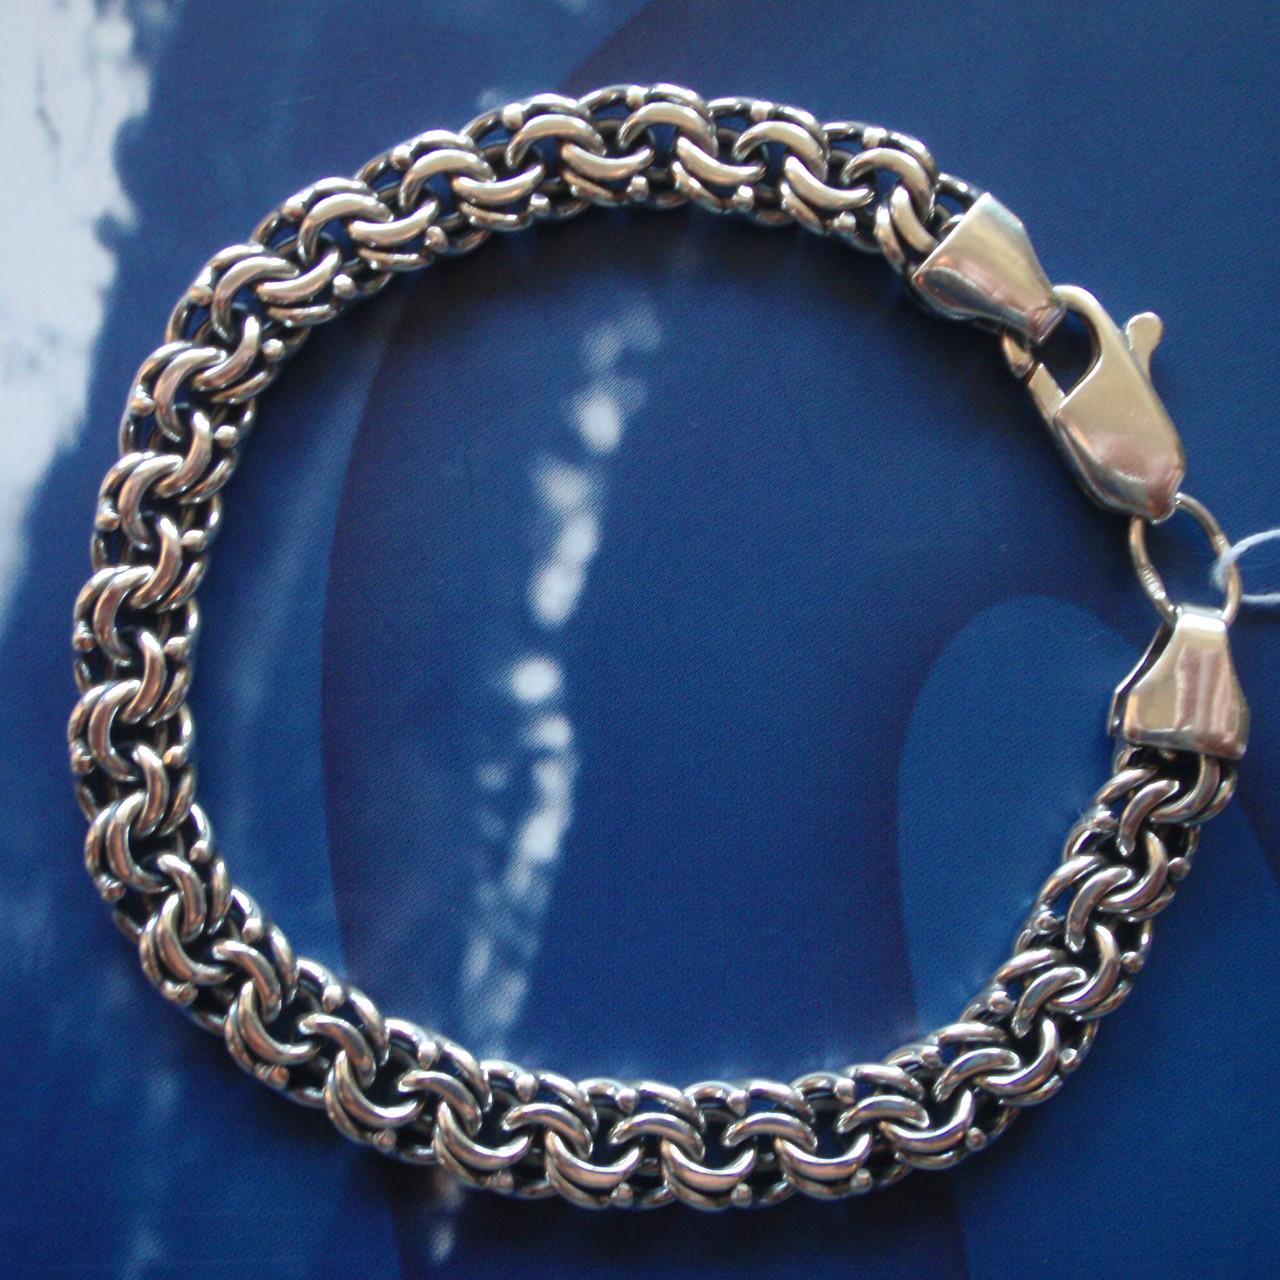 Cеребряный мужской браслет, 215мм, 26 грамм, плетение Бисмарк